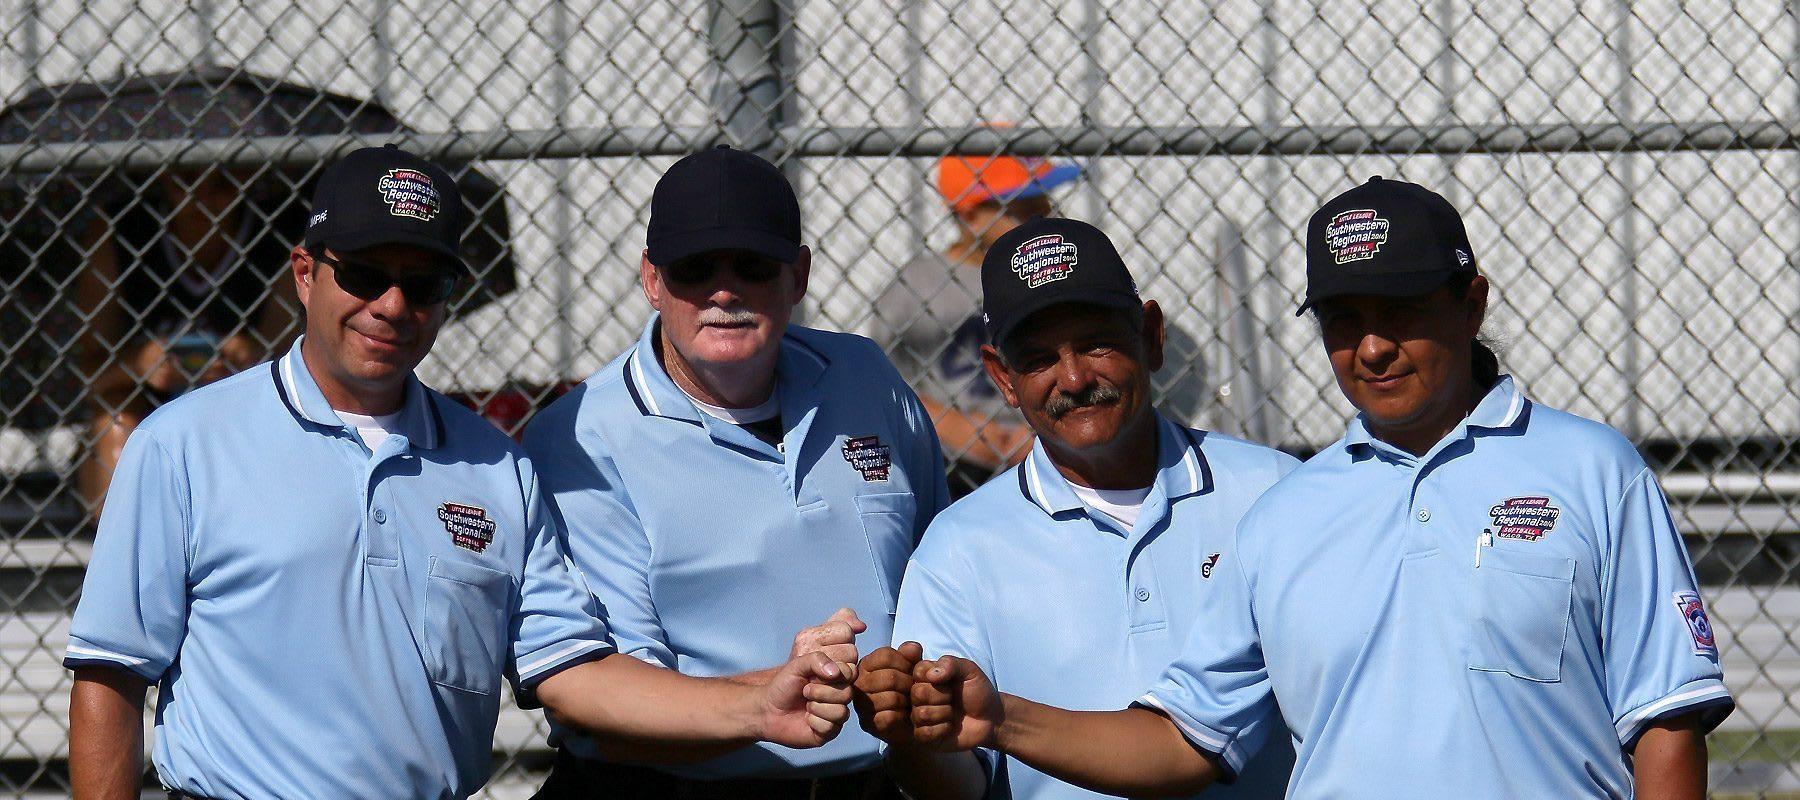 Umpires - Little League